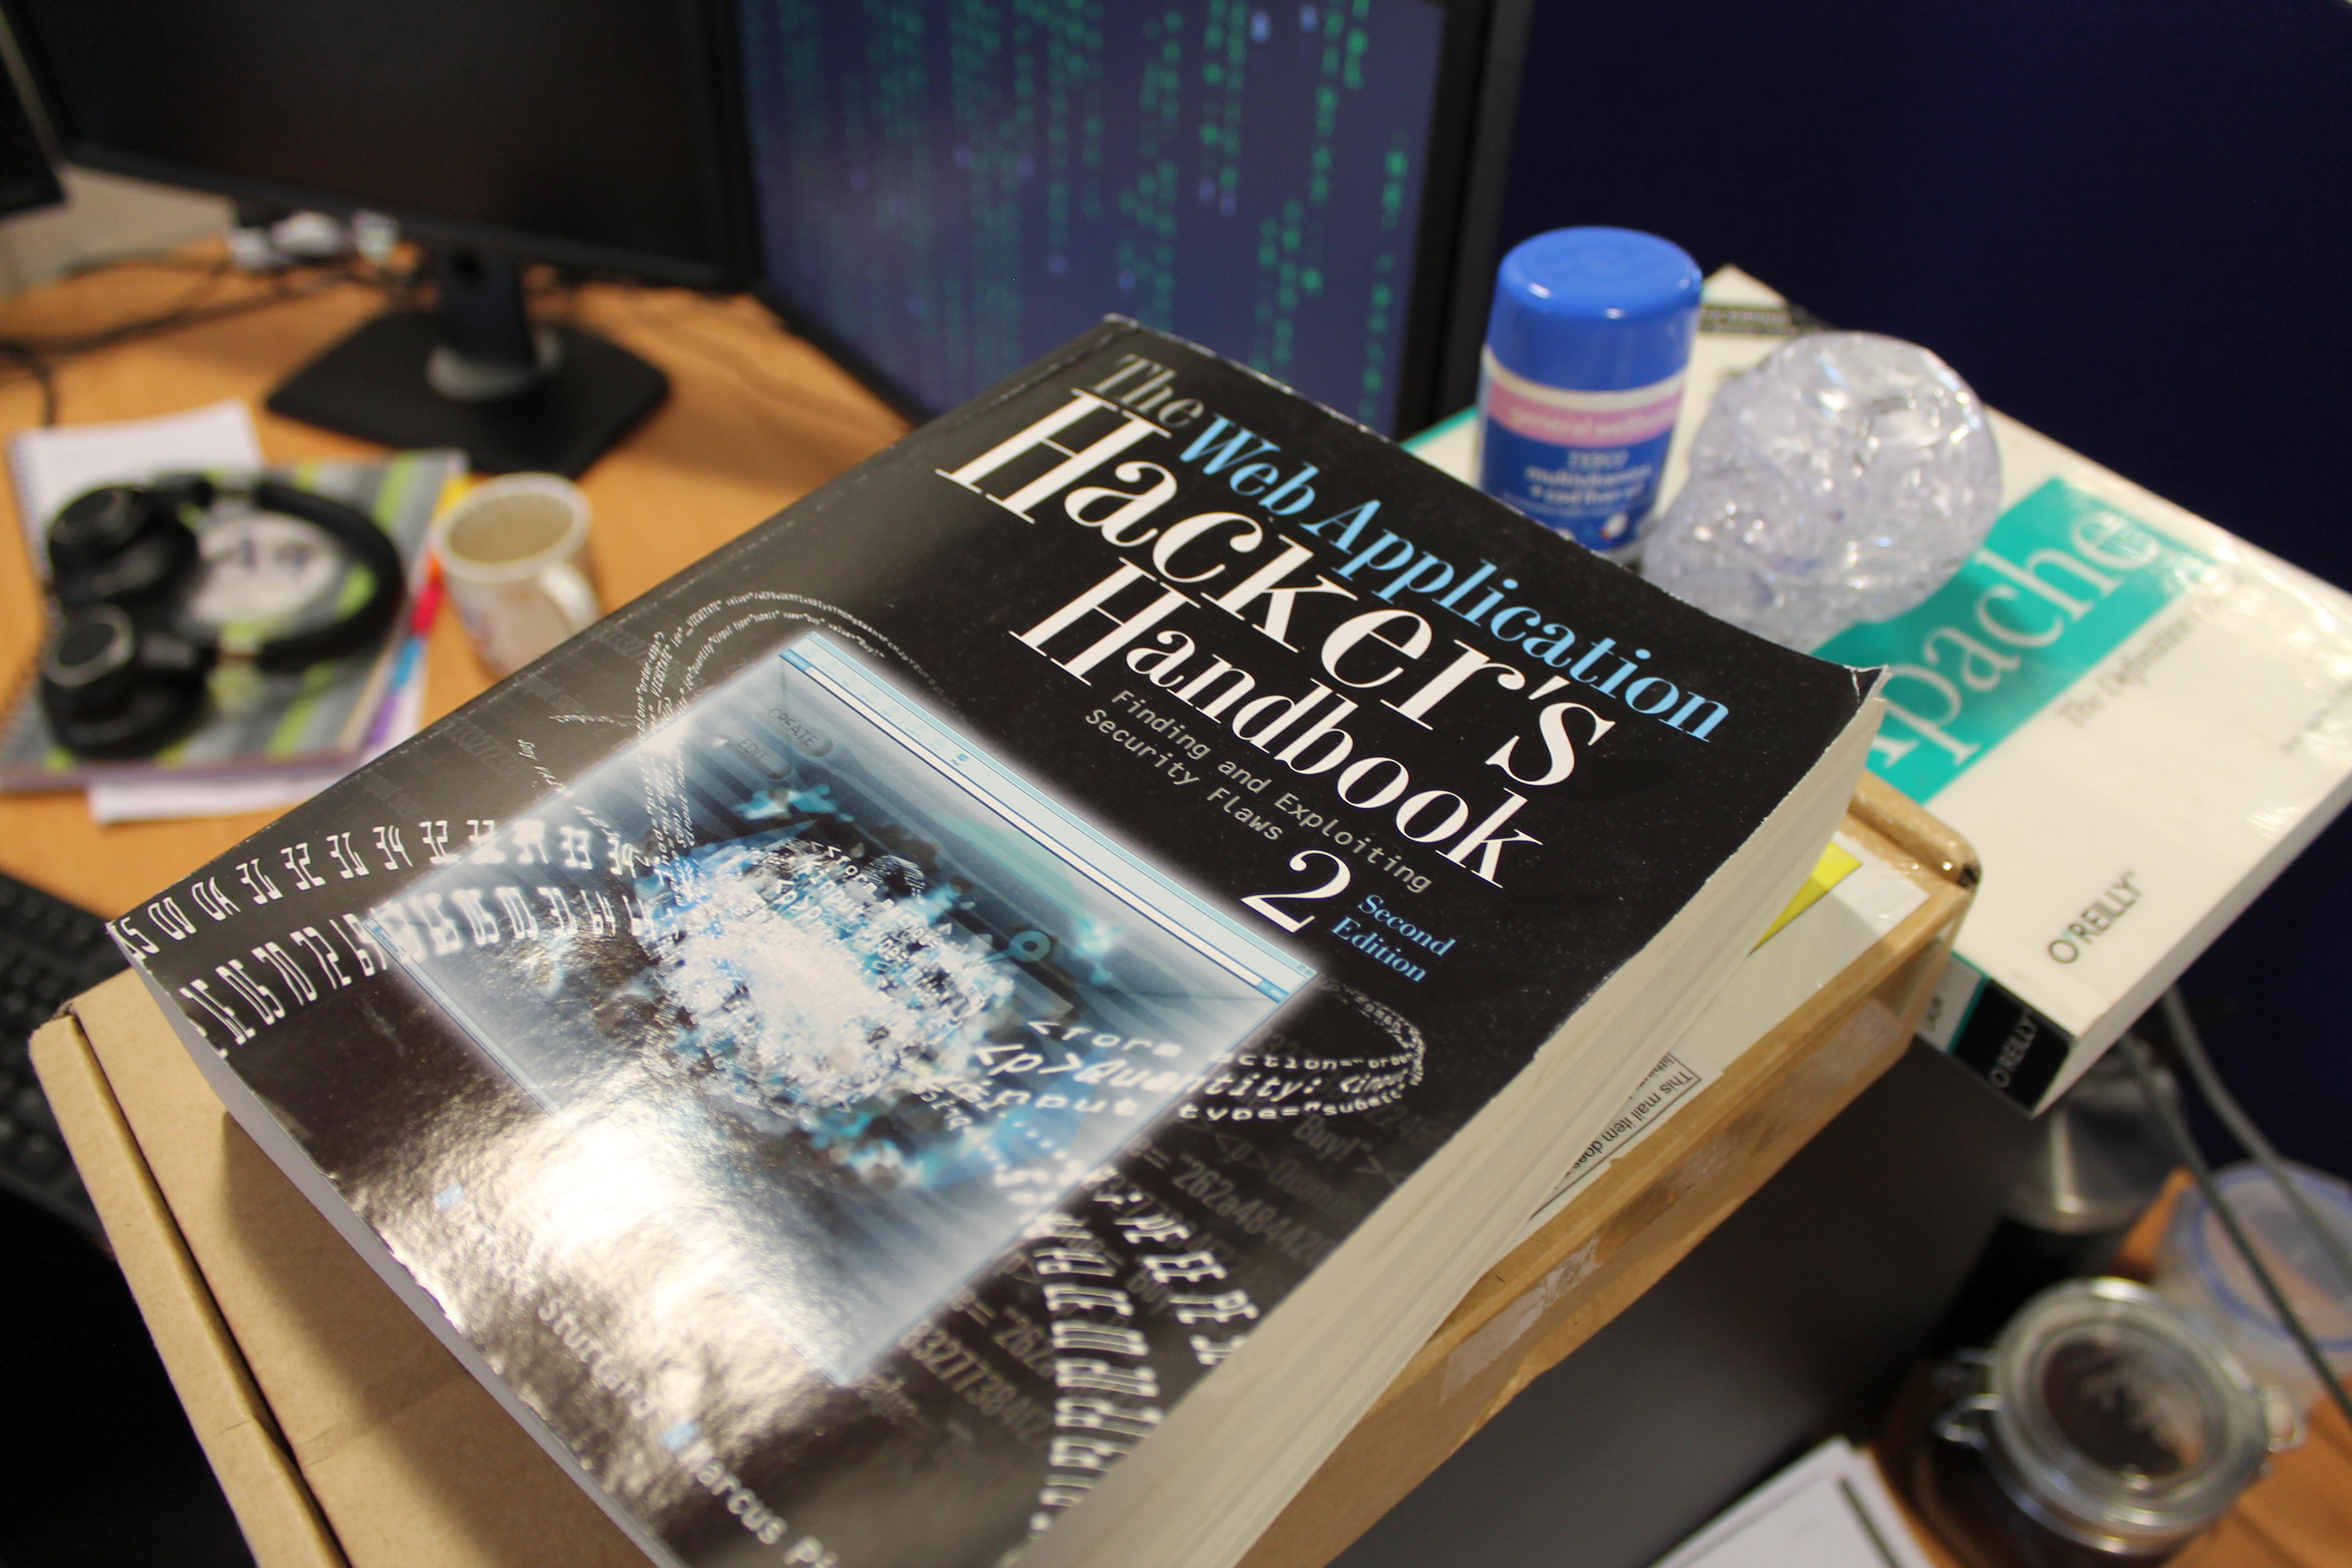 Hacking Handbook